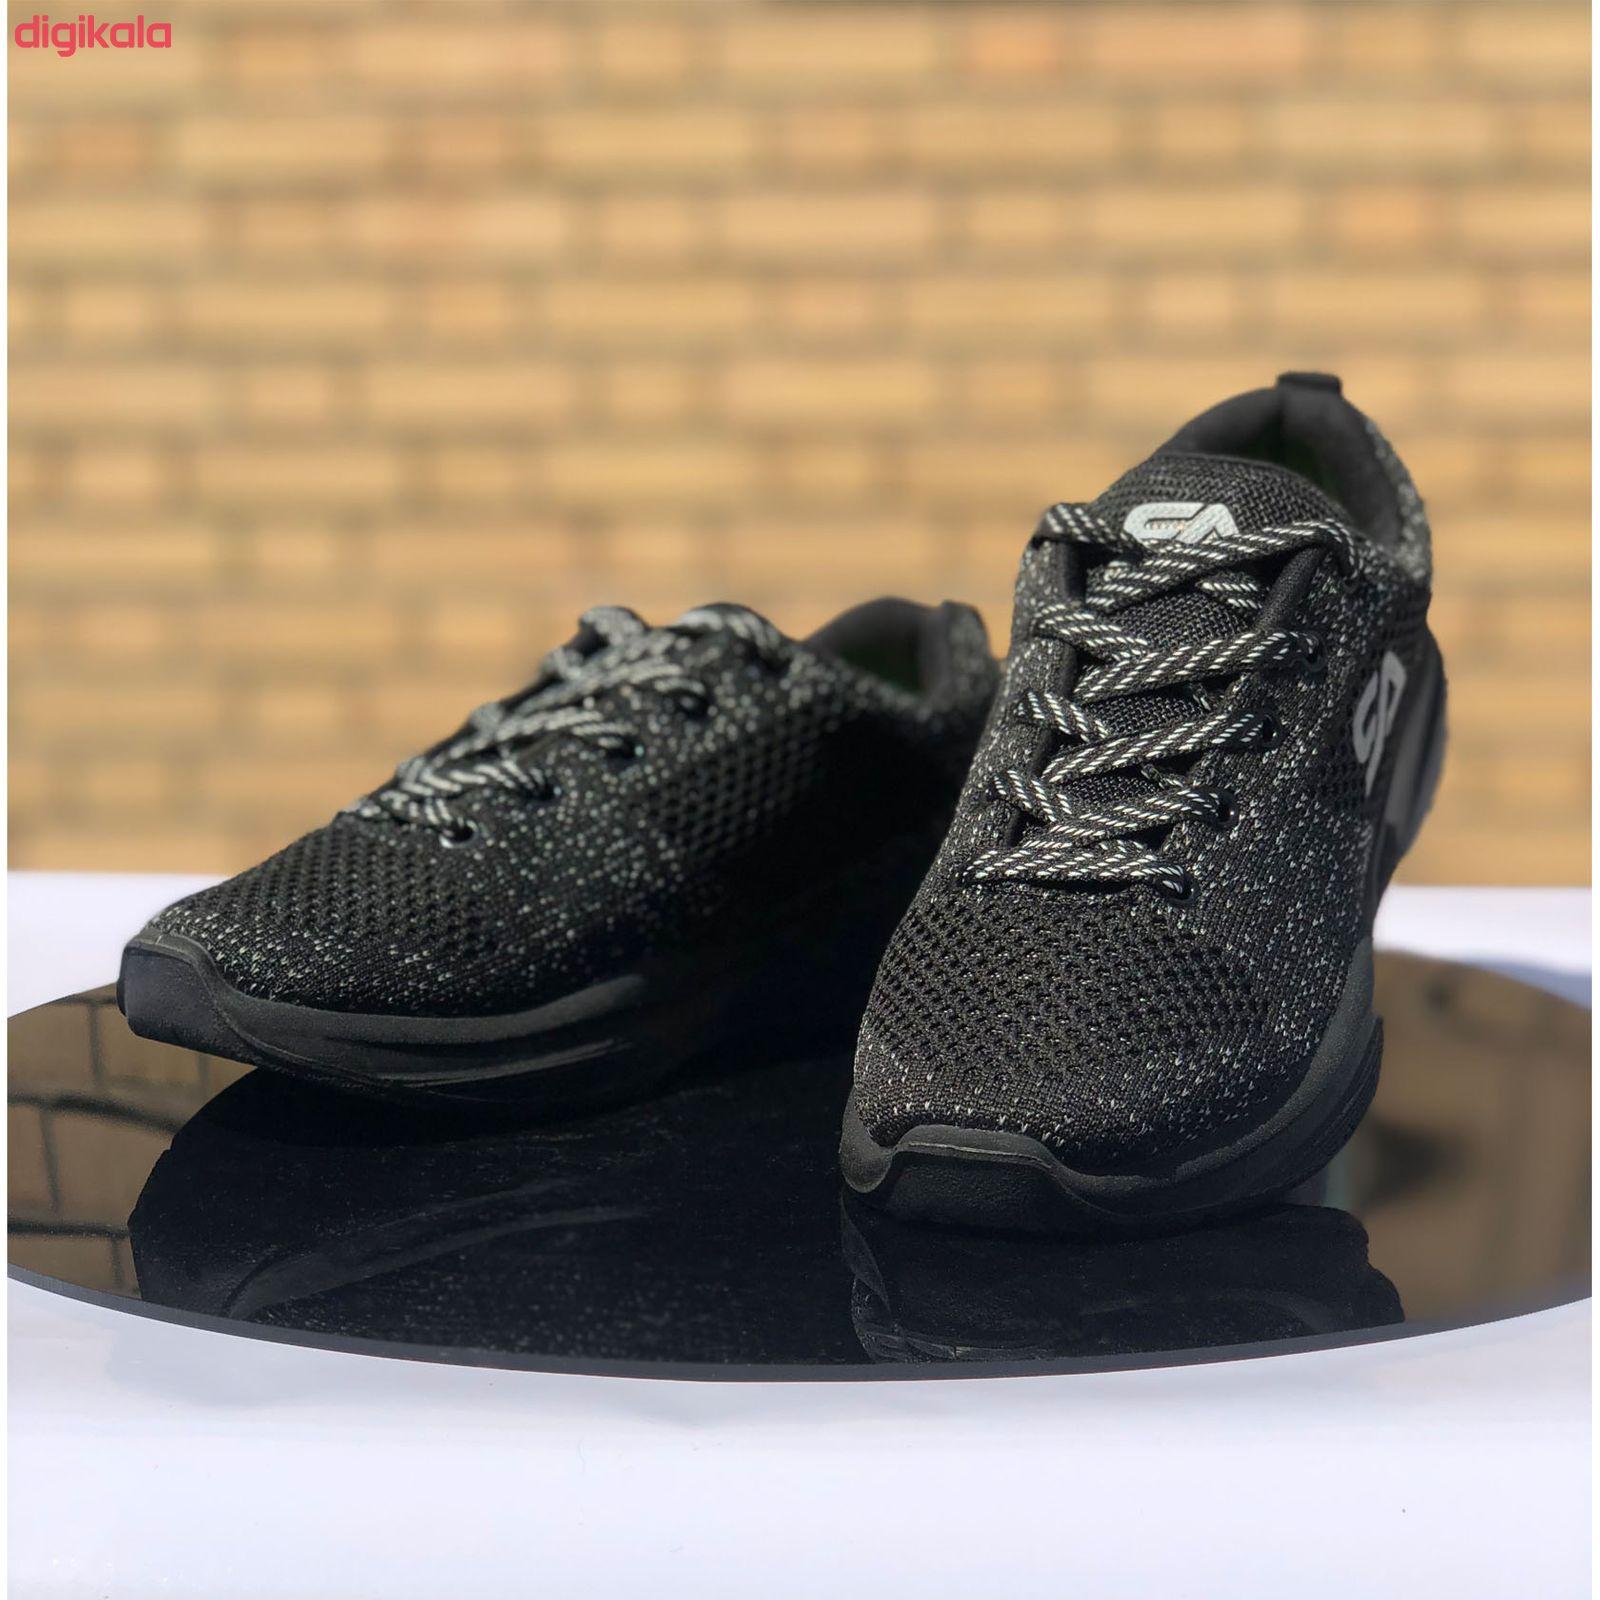 کفش پیاده روی زنانه سعیدی مدل Sa 306 main 1 4